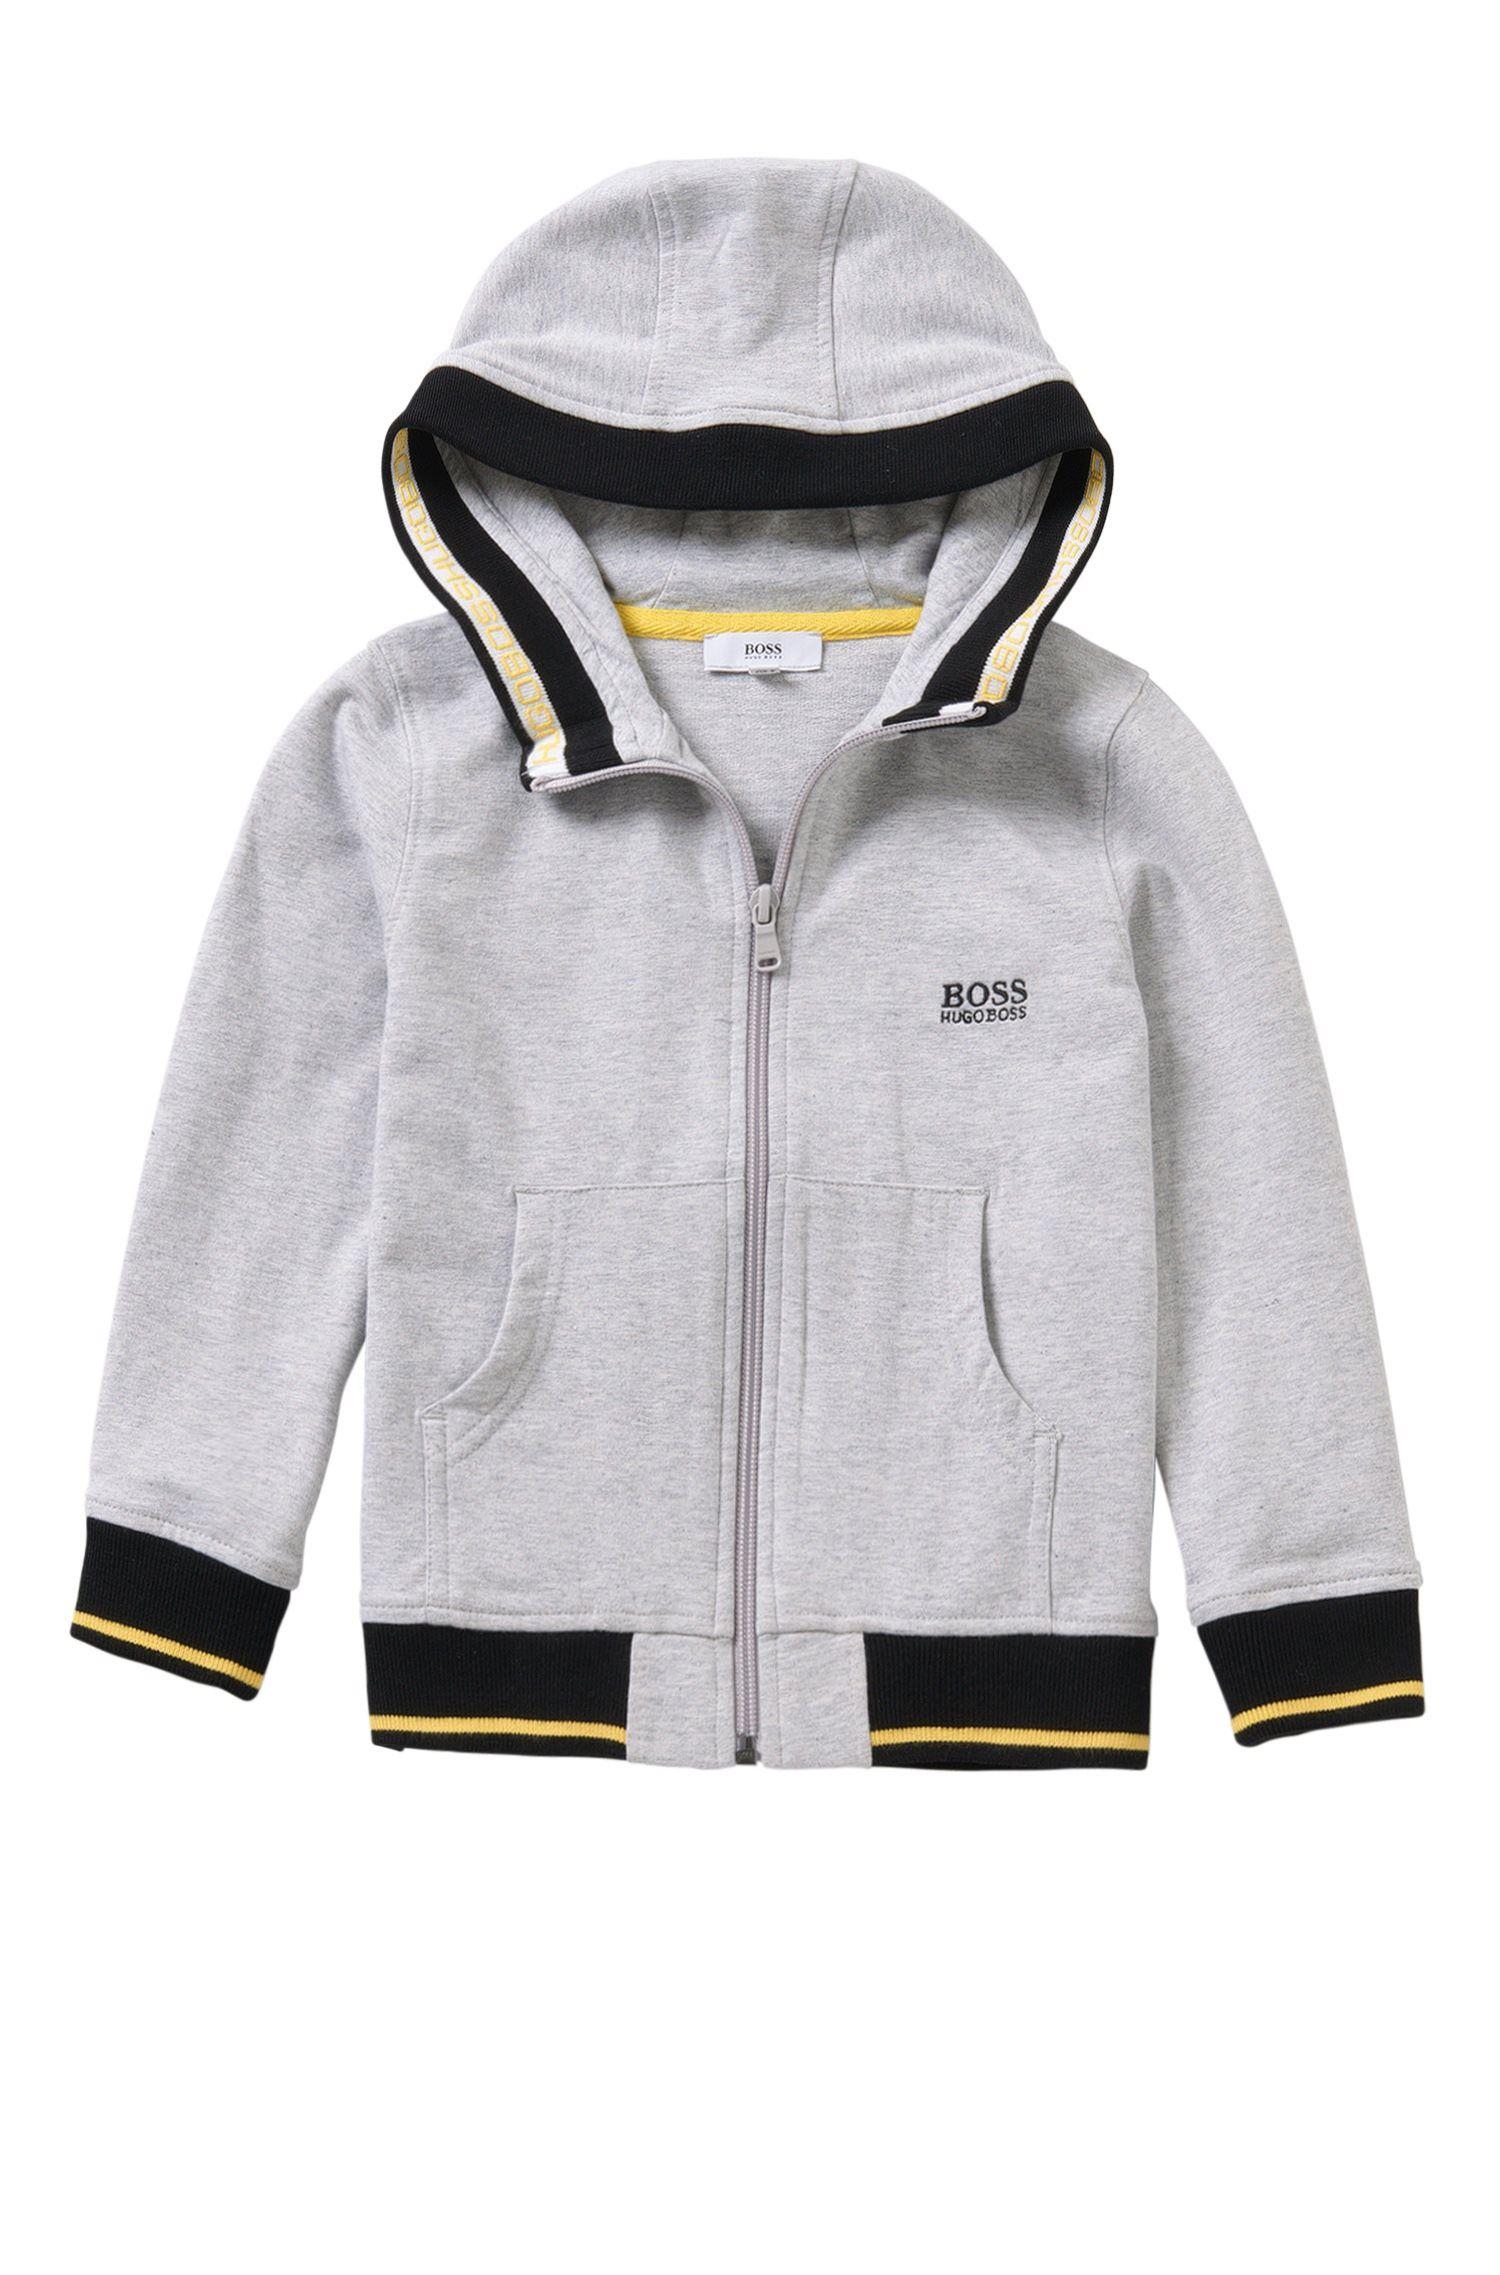 Chaqueta sudadera para niños en algodón elástico con capucha: 'J25962'